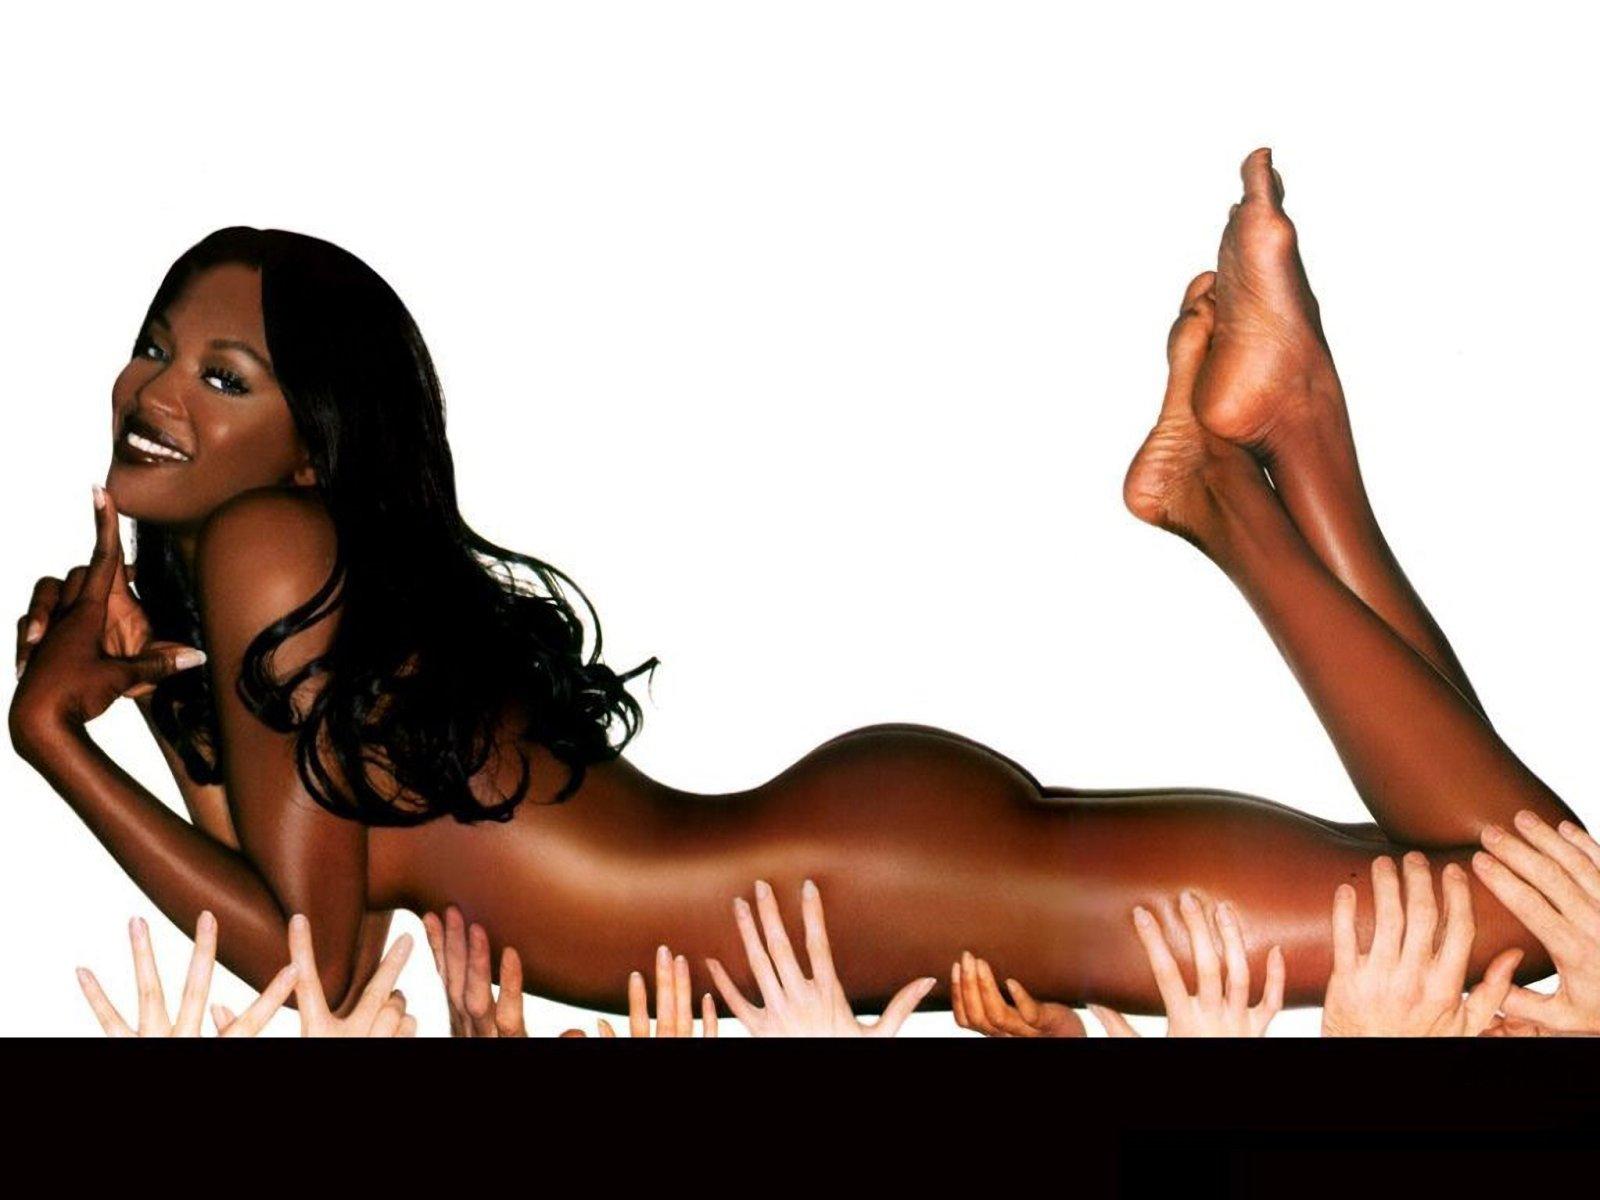 Naomi Campbell Hot 81649 1600x1200